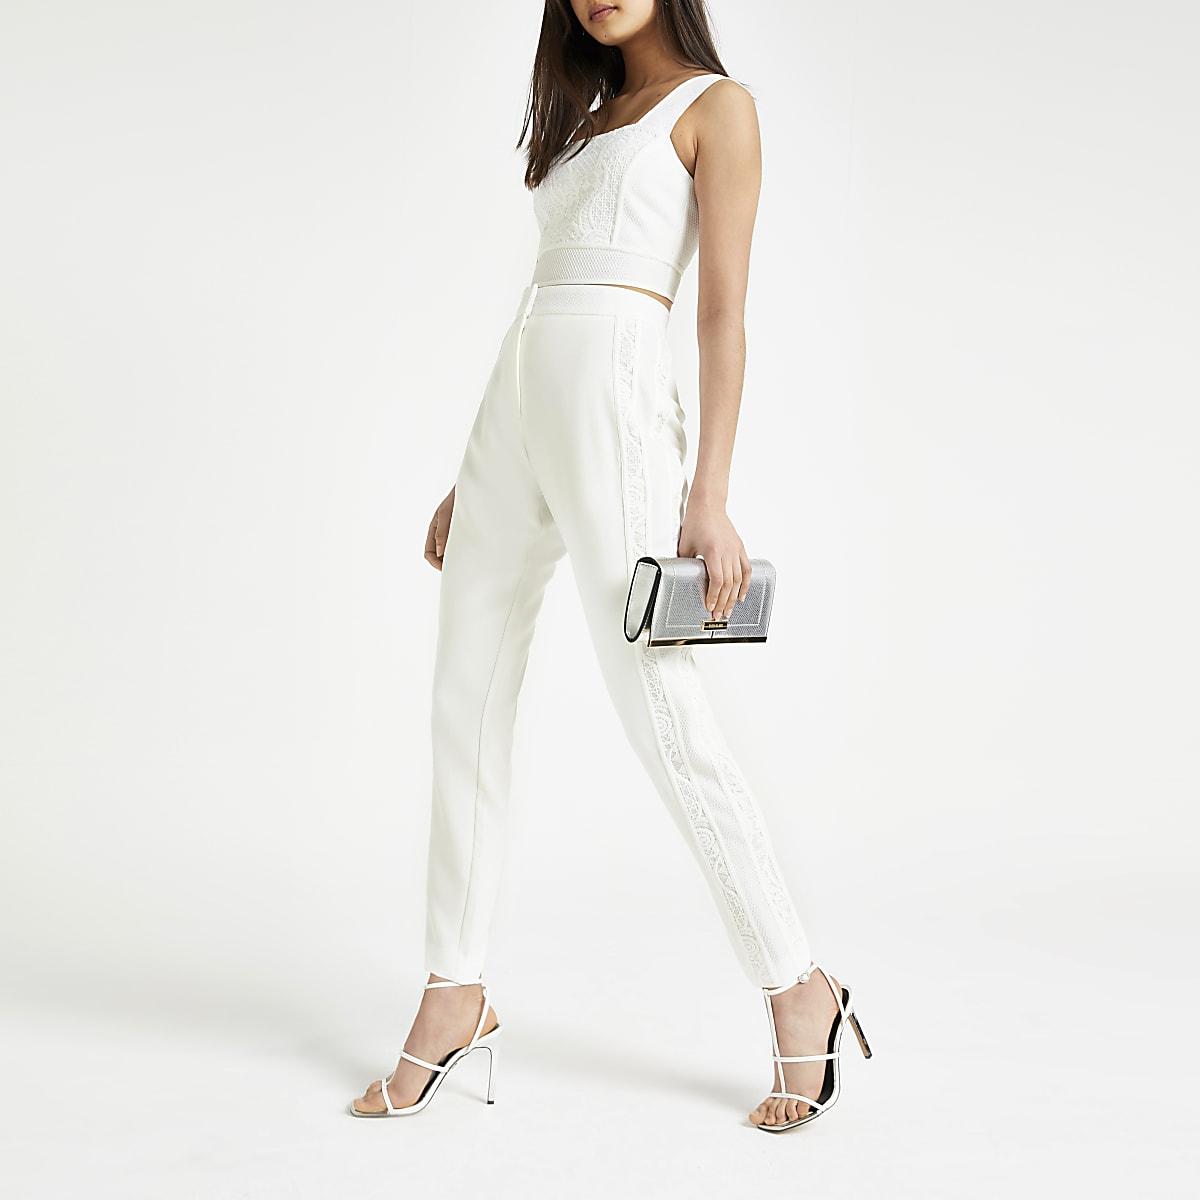 White lace cigarette pants